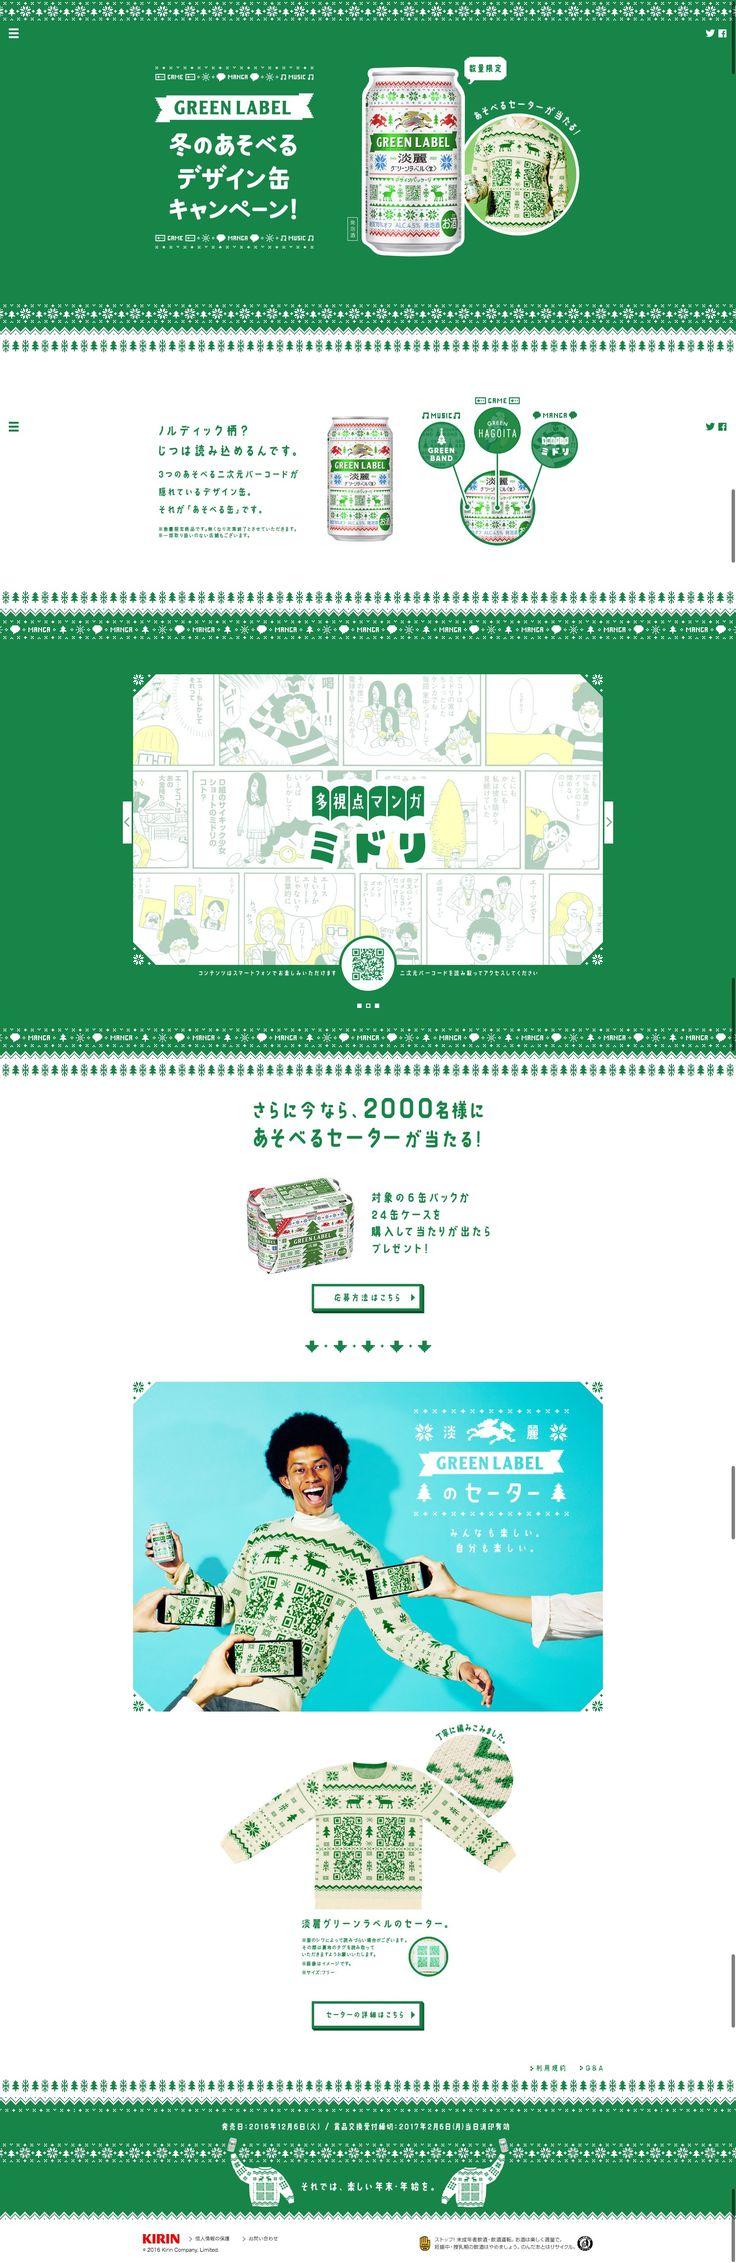 冬の「あそべる缶」キャンペーン|キリン 淡麗グリーンラベル